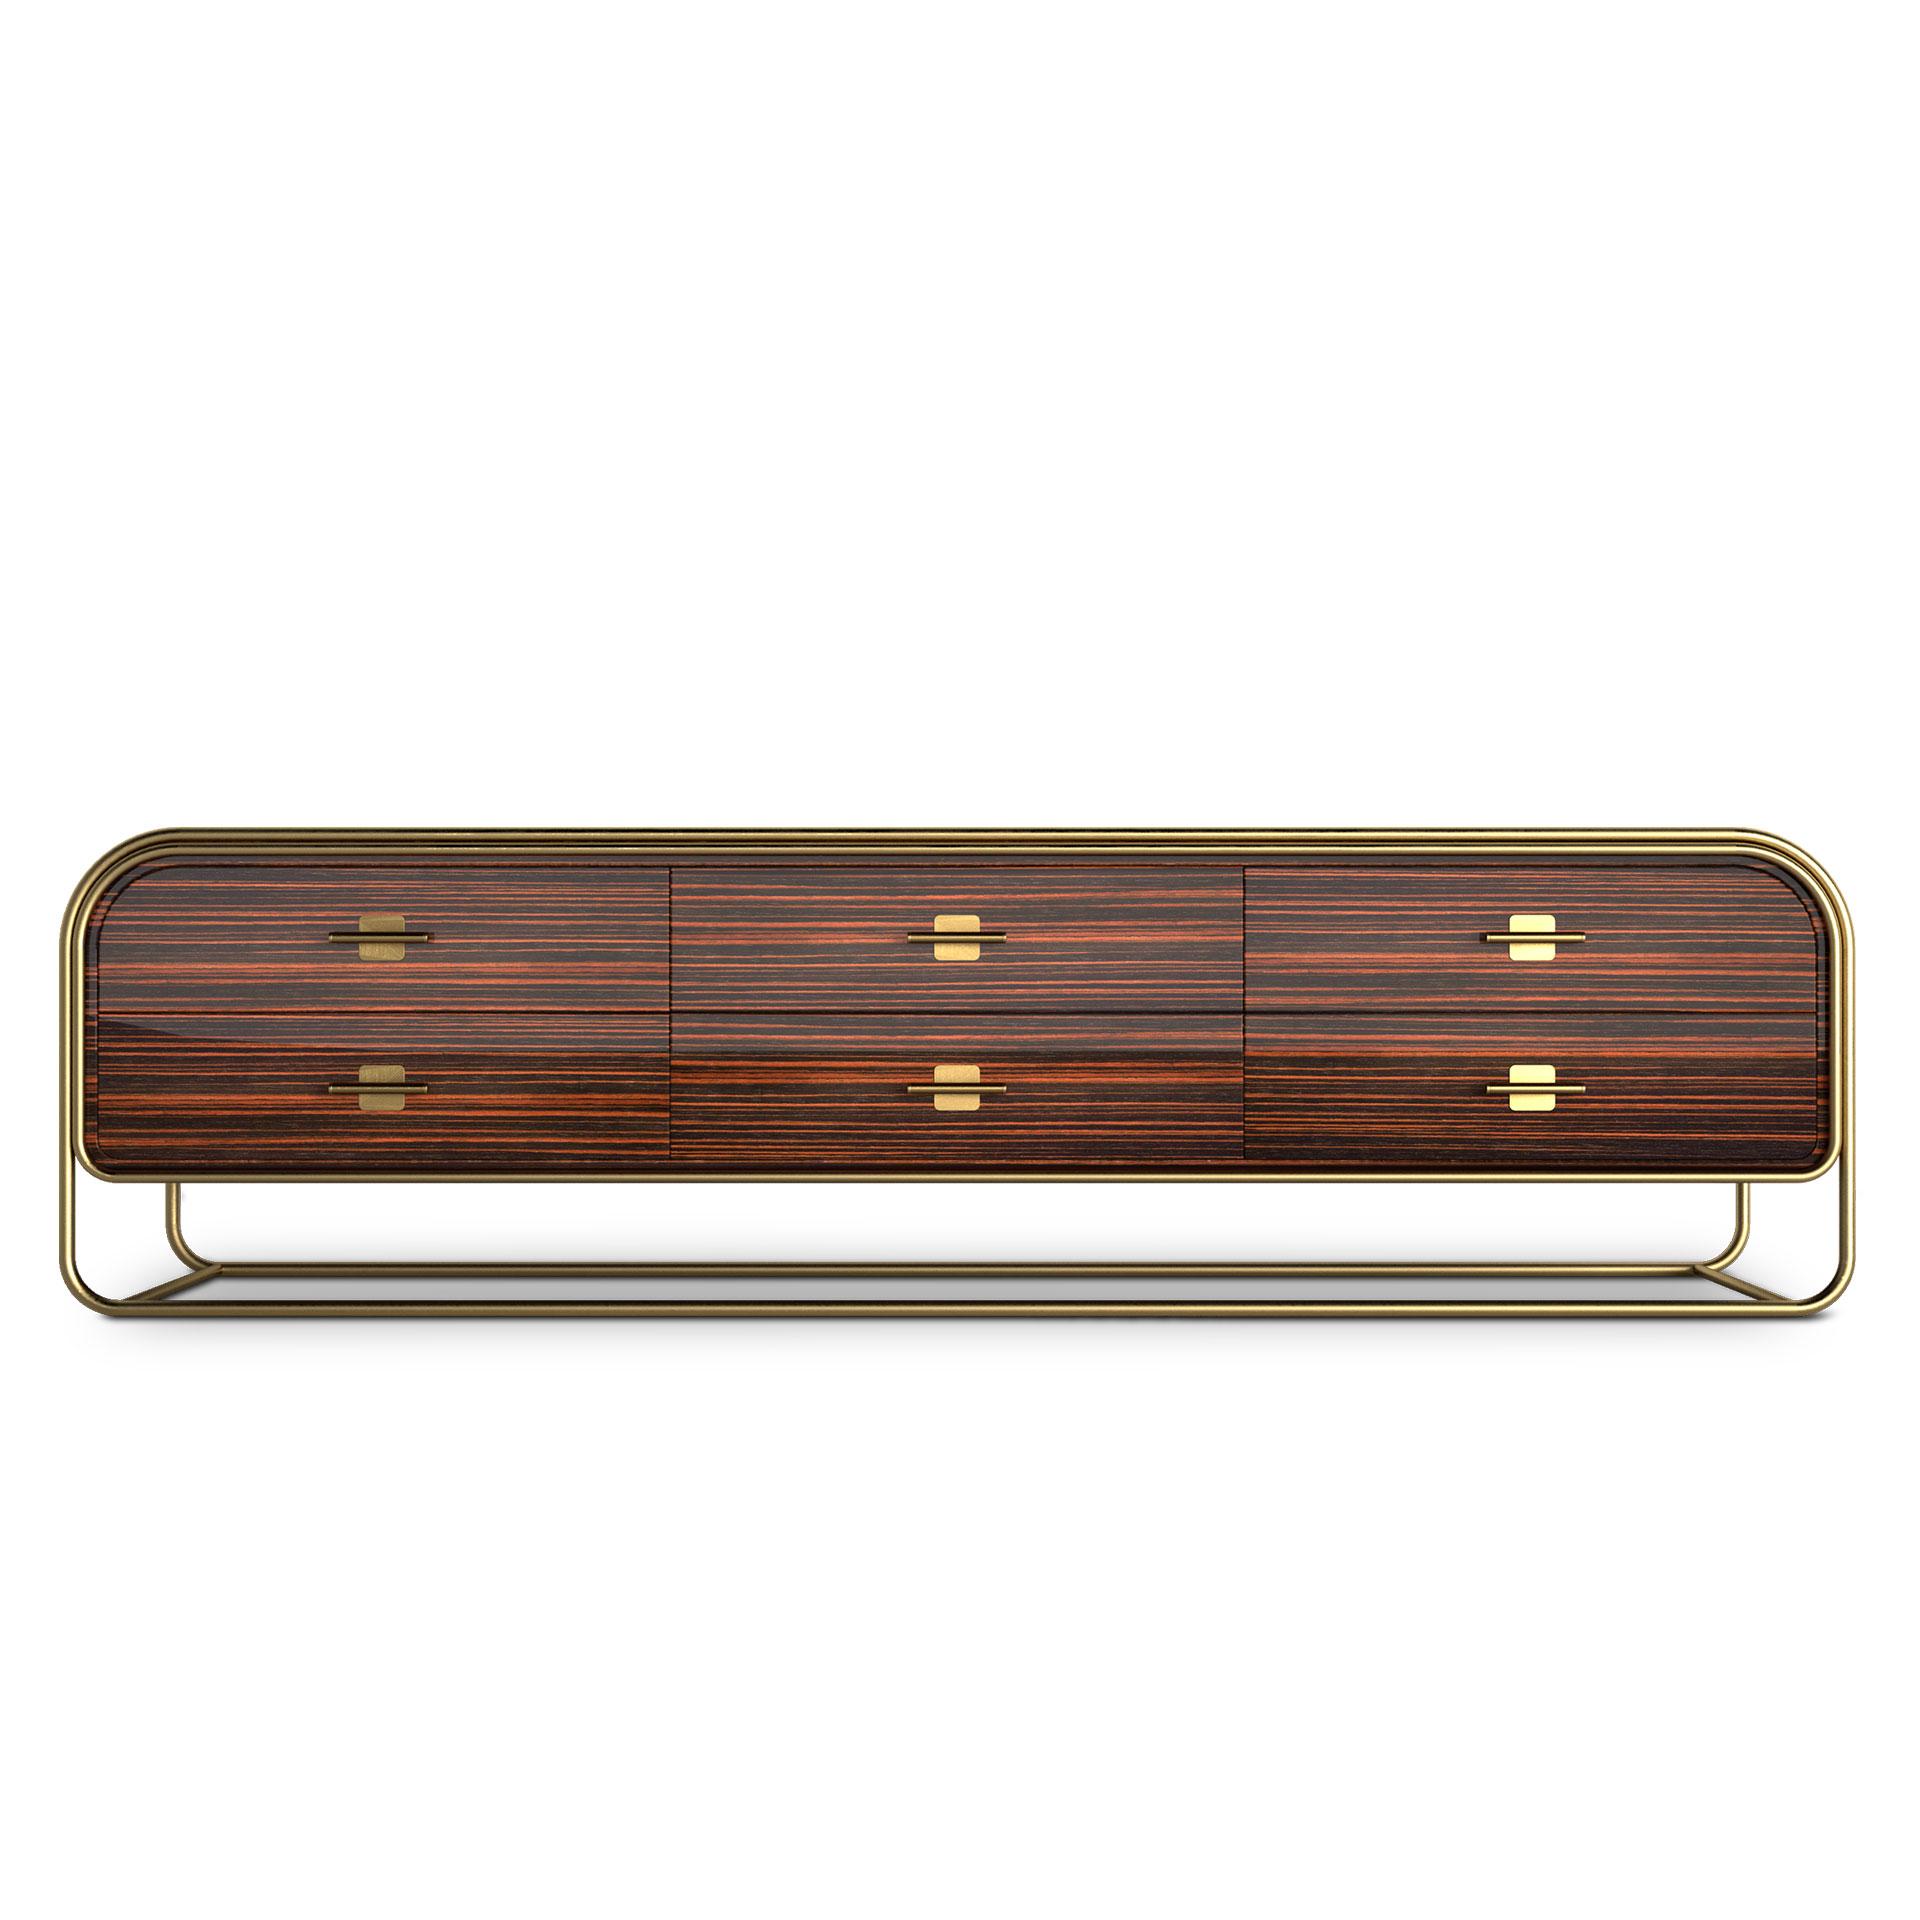 Columbia sideboard